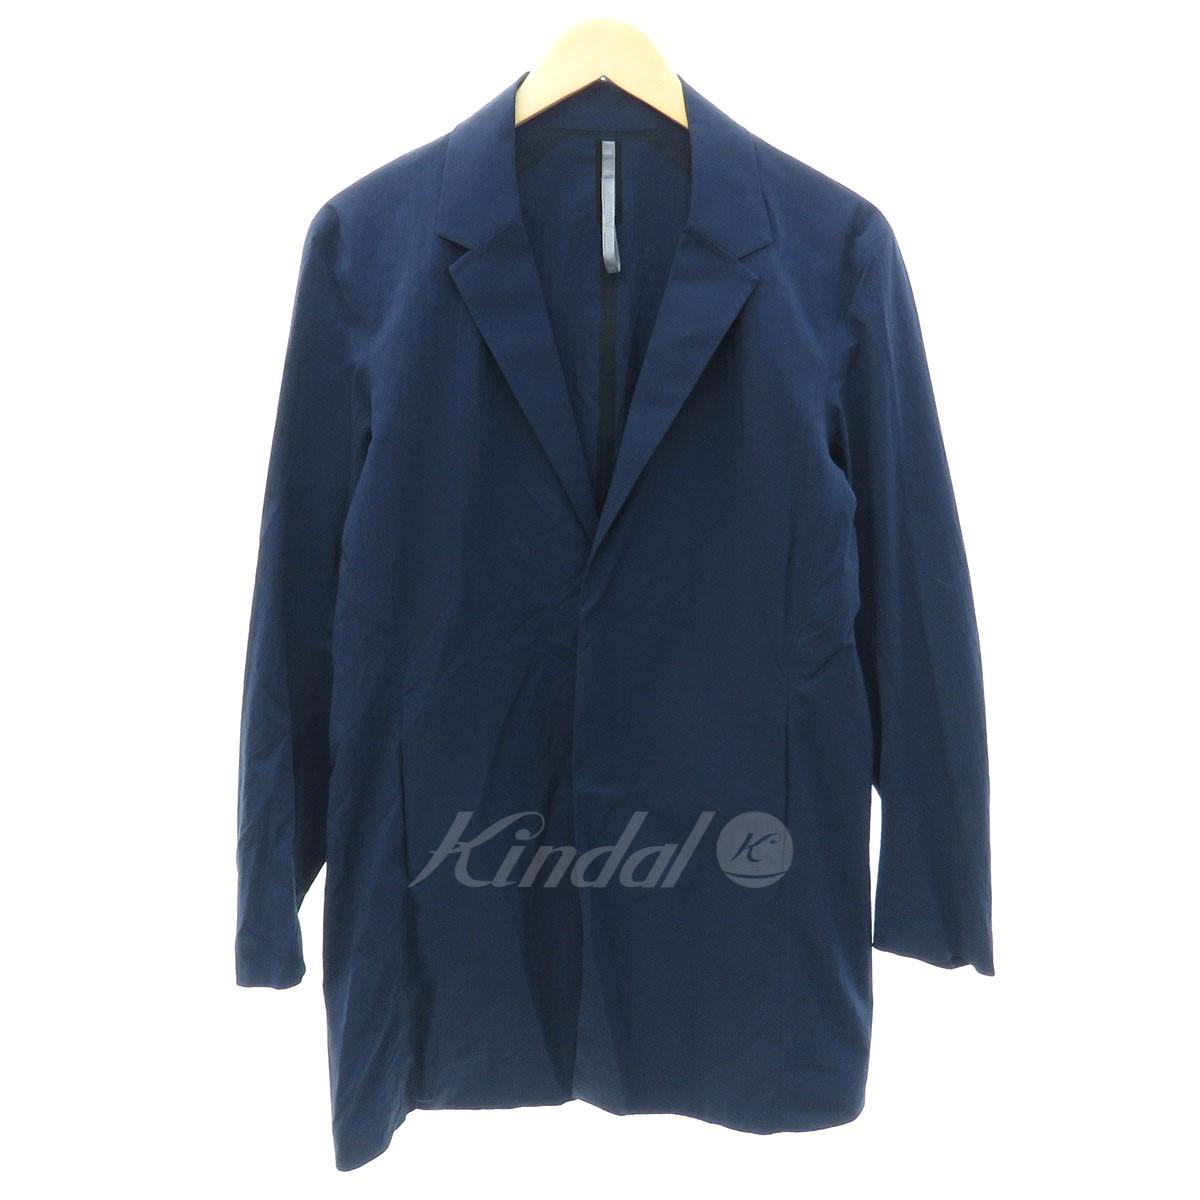 【中古】ARCTERYX VEILANCE Doeln Coat チェスターコート ネイビー サイズ:S 【送料無料】 【300918】(アークテリクス ヴェイランス)